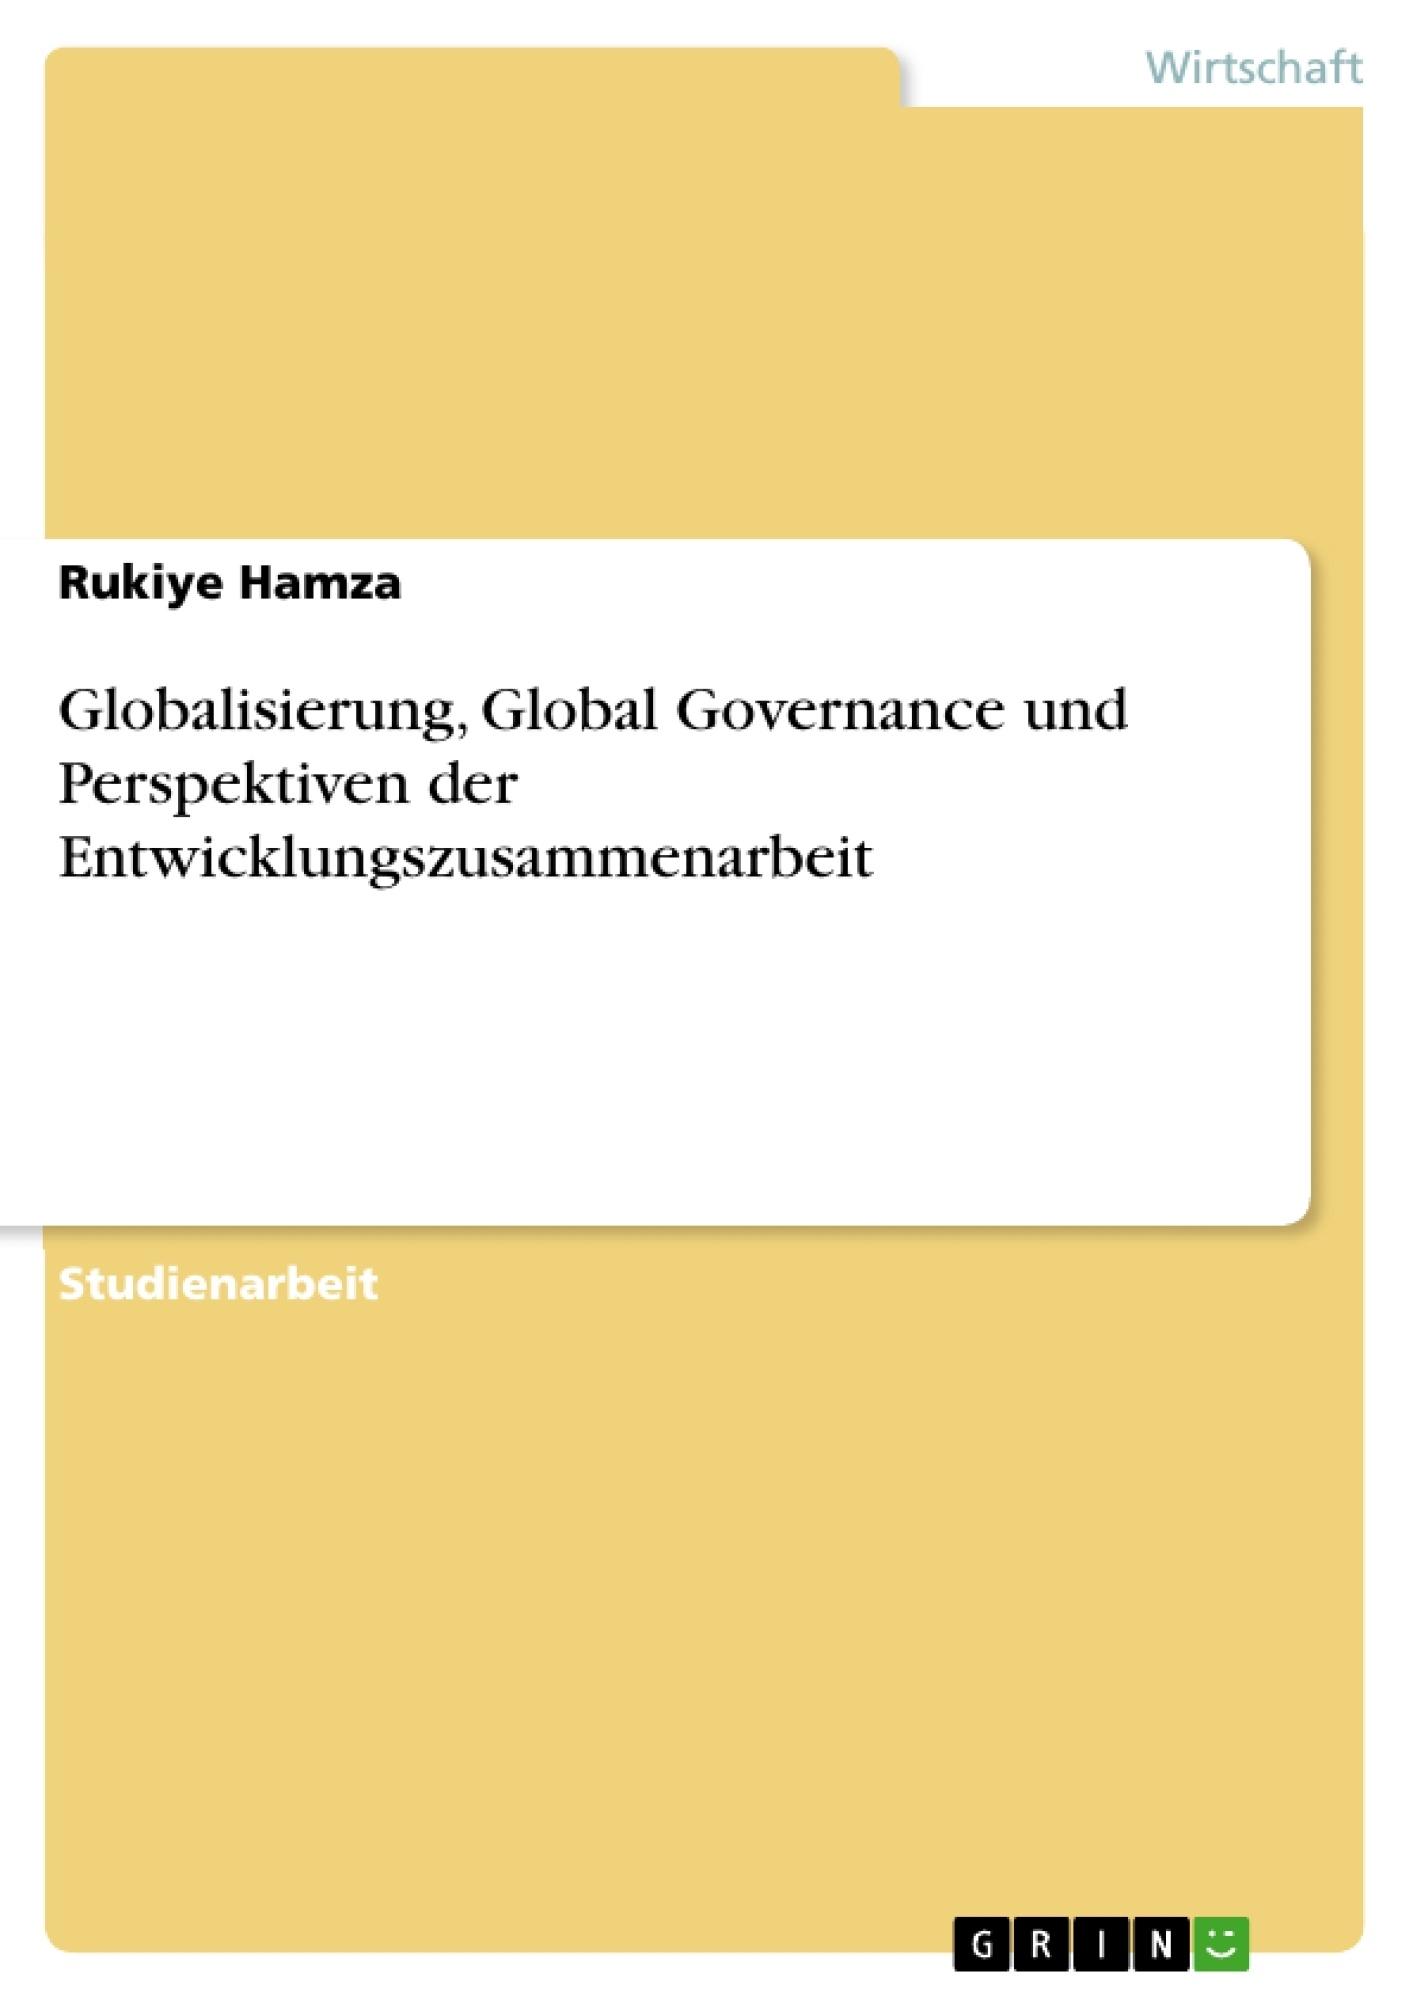 Titel: Globalisierung, Global Governance und Perspektiven der Entwicklungszusammenarbeit